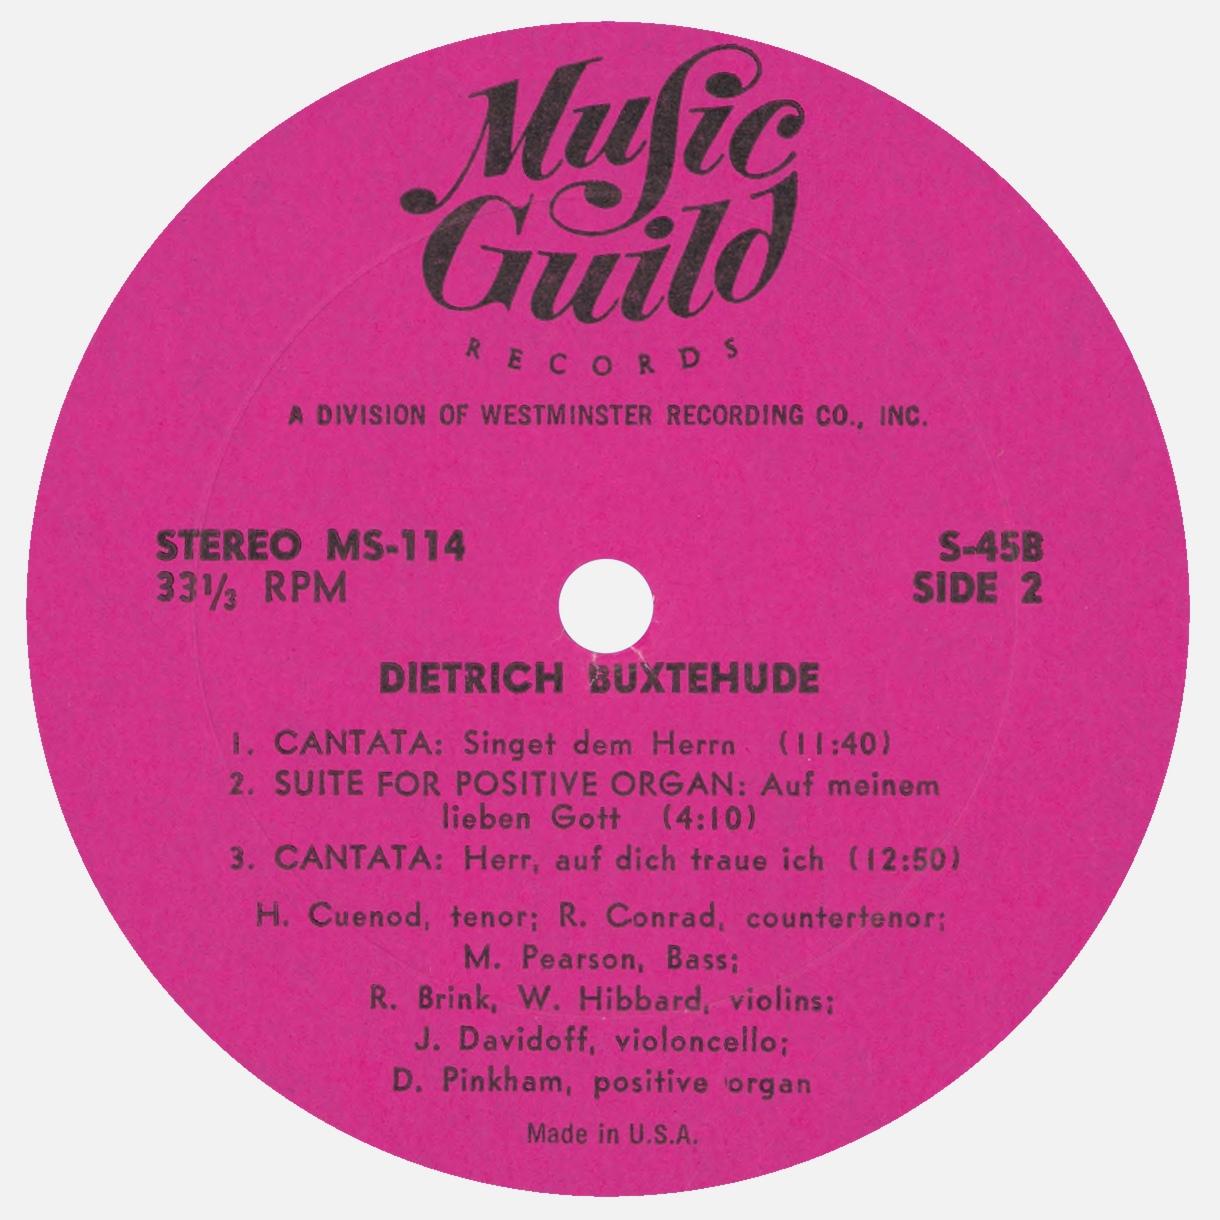 Étiquette verso du disque Music Guild Records MS-114